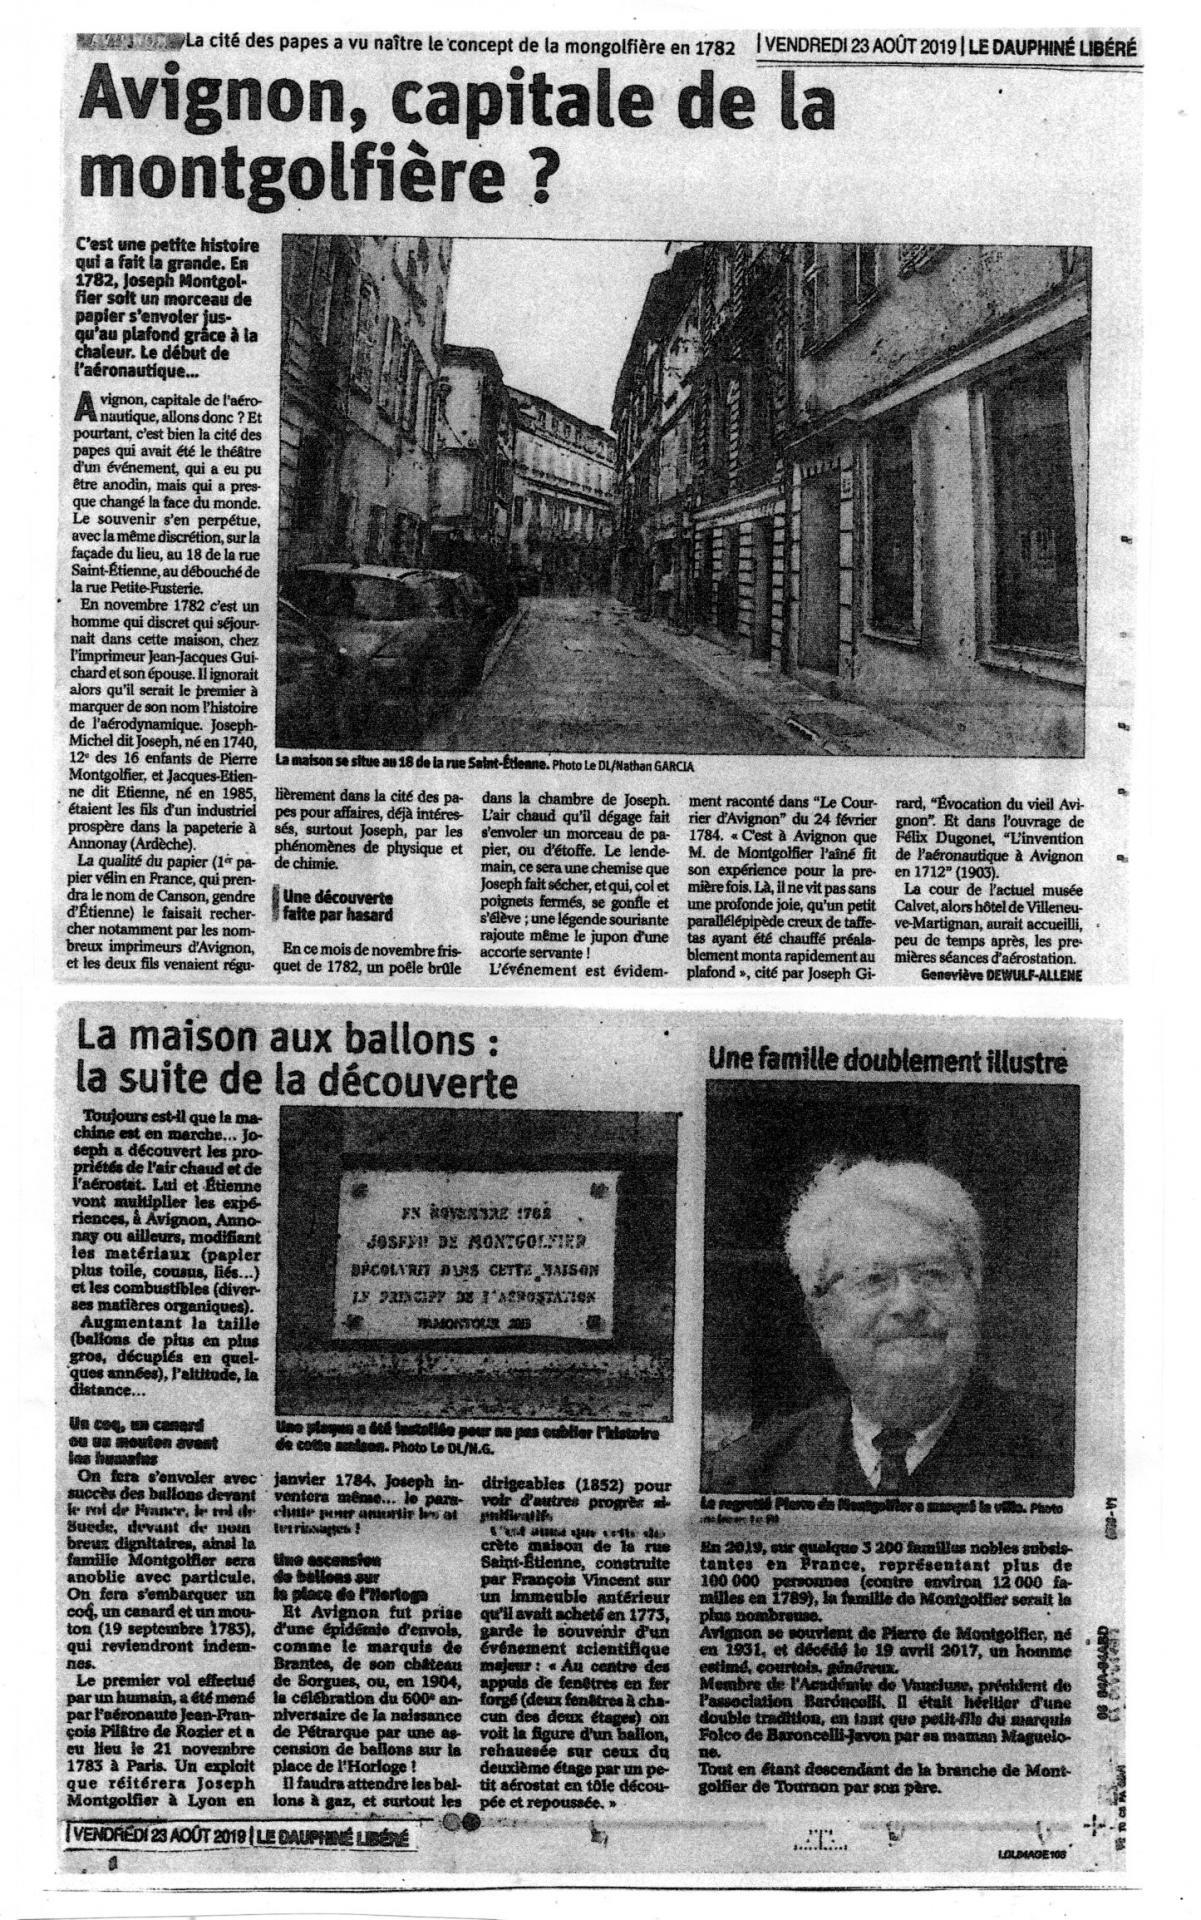 Avignon capitale de la Montgolfiere famille doublement illustre